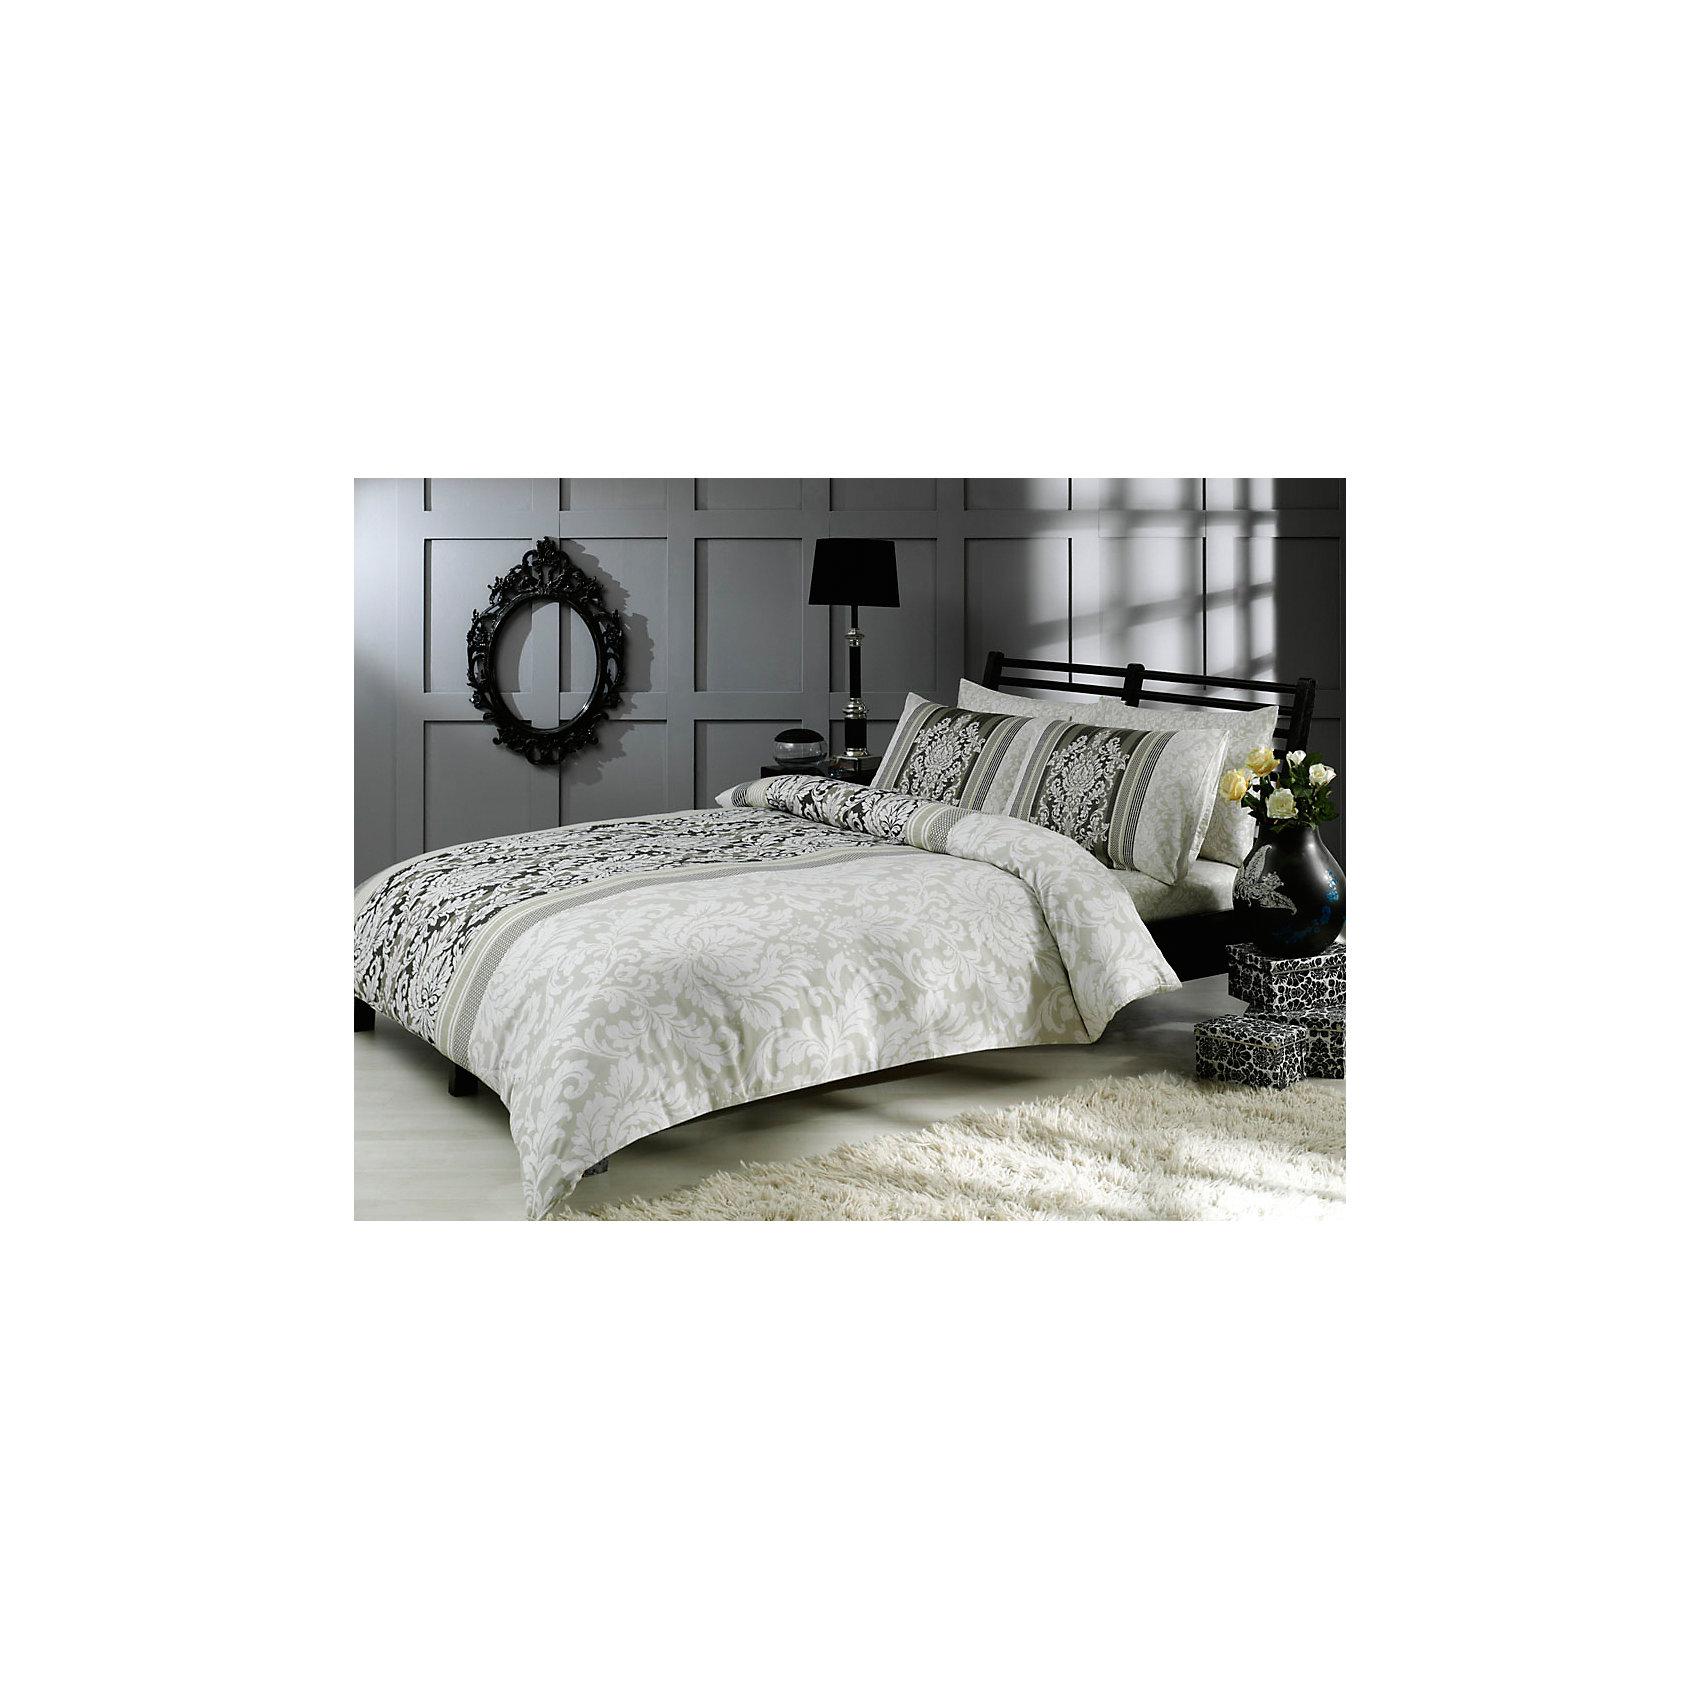 Постельное белье 1,5сп. Hazel, сатин, TAC, серыйДомашний текстиль<br>Характеристики:<br><br>• Вид домашнего текстиля: постельное белье<br>• Тип постельного белья по размерам: 1,5 спальное<br>• Рисунок: растительно-цветочный орнамент<br>• Сезон: круглый год<br>• Материал: сатин, 100% хлопок <br>• Цвет: оттенки серого, молочный<br>• Комплектация: <br> пододеяльник – 1 шт. 160*220 см <br> простынь – 1 шт. 180*260 см<br> наволочки – 1 шт. 50*70 см<br>• Вид застежки: пуговицы<br>• Тип упаковки: книжка картонная<br>• Вес в упаковке: 2 кг 200 г<br>• Размеры упаковки (Д*Ш*В): 27*7*37 см<br>• Особенности ухода: машинная стирка <br><br>Постельное белье 1,5сп. Hazel, сатин, TAC, серый от наиболее популярного бренда на отечественном рынке среди производителей комплектов постельного белья и текстильных принадлежностей, выпуском которого занимается производственная компания, являющаяся частью мирового холдинга Zorlu Holding Textiles Group. <br><br>Комплект состоит из 3-х предметов и включает в себя: пододеяльник, простынь и наволочку. Все изделия выполнены из хлопкового сатина, который характеризуется высокими износоустойчивыми качествами, не теряет формы и цвета при длительном использовании, после стирки изделия полностью расправляются и сохраняют ровность полотна, поэтому они не нуждаются в глажке. Специальным образом скрученная нить, из которой изготовлено сатиновое полотно, обеспечивает характерный блеск и защиту от образования катышков. <br><br>Обладает повышенными гигроскопичными качествами, благодаря чему оно комфортно для использования в любое время года. Постельное белье выполнено в стильном дизайне: крупный цветочно-растительный принт в молочно-серых оттенках придает комплекту особую изысканность. <br>Постельное белье 1,5 сп. Hazel, сатин, TAC, серый станет прекрасным решением для тех, кто ценит качество, стиль и долговечность!<br><br>Постельное белье 1,5 сп. Hazel, сатин, TAC, серый можно купить в нашем интернет-магазине.<br><br>Ширина мм: 270<br>Глубина мм: 70<br>Высо